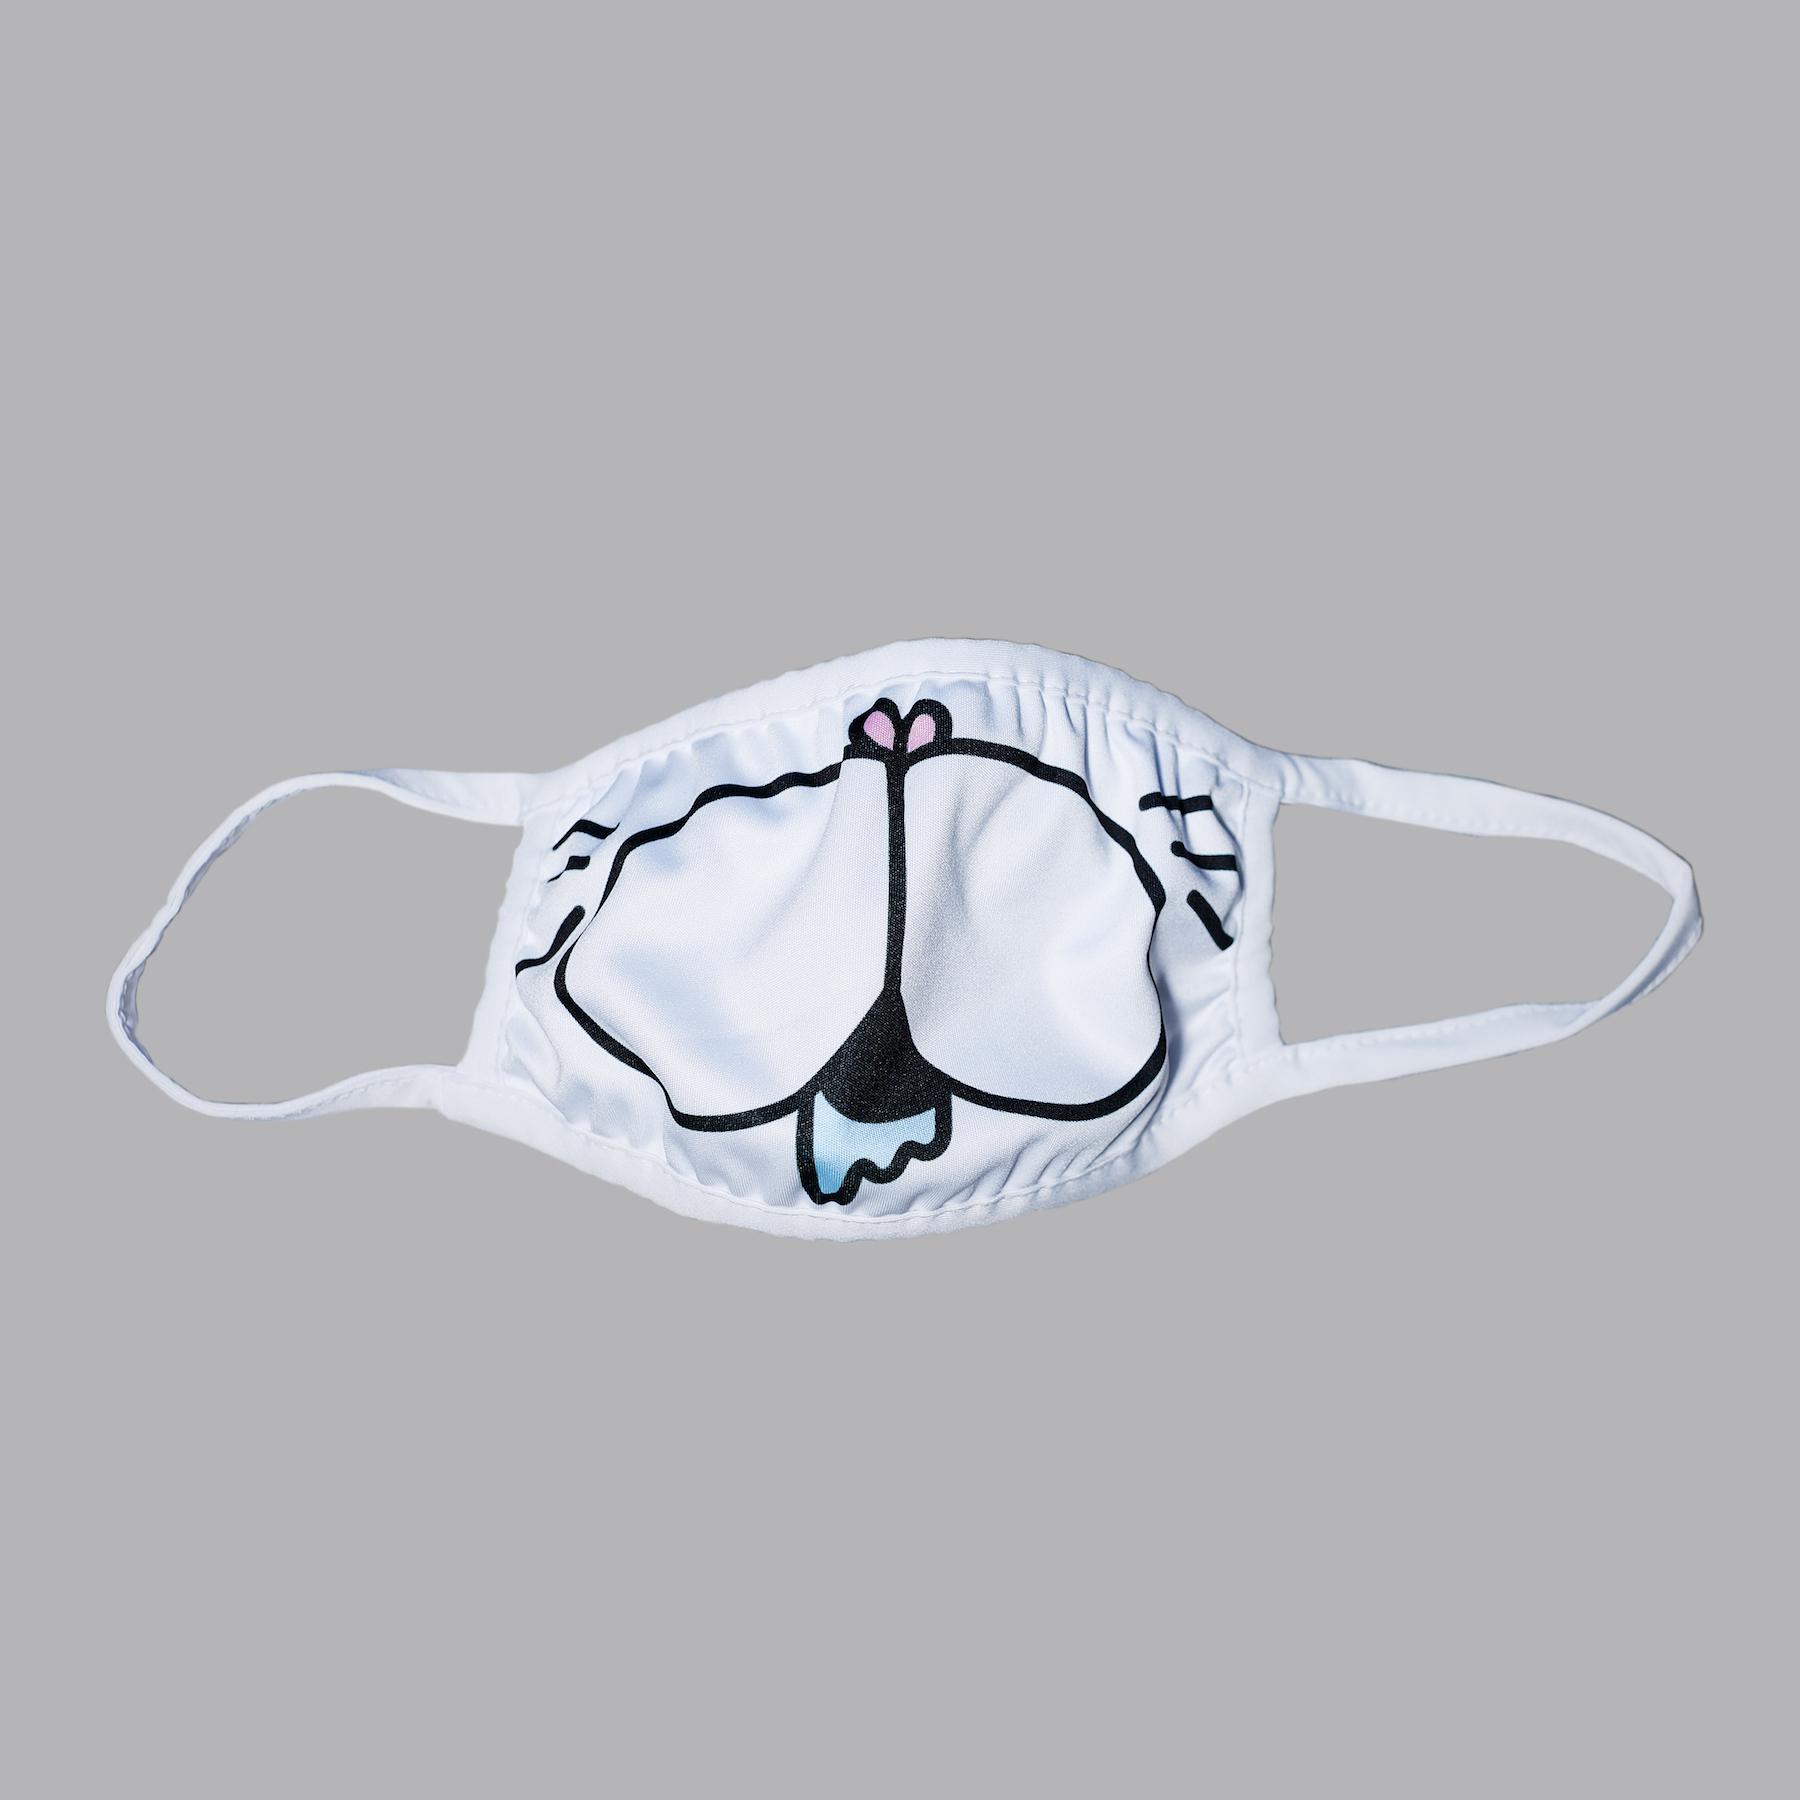 君もよだれを垂らした猫になるんやでマスク